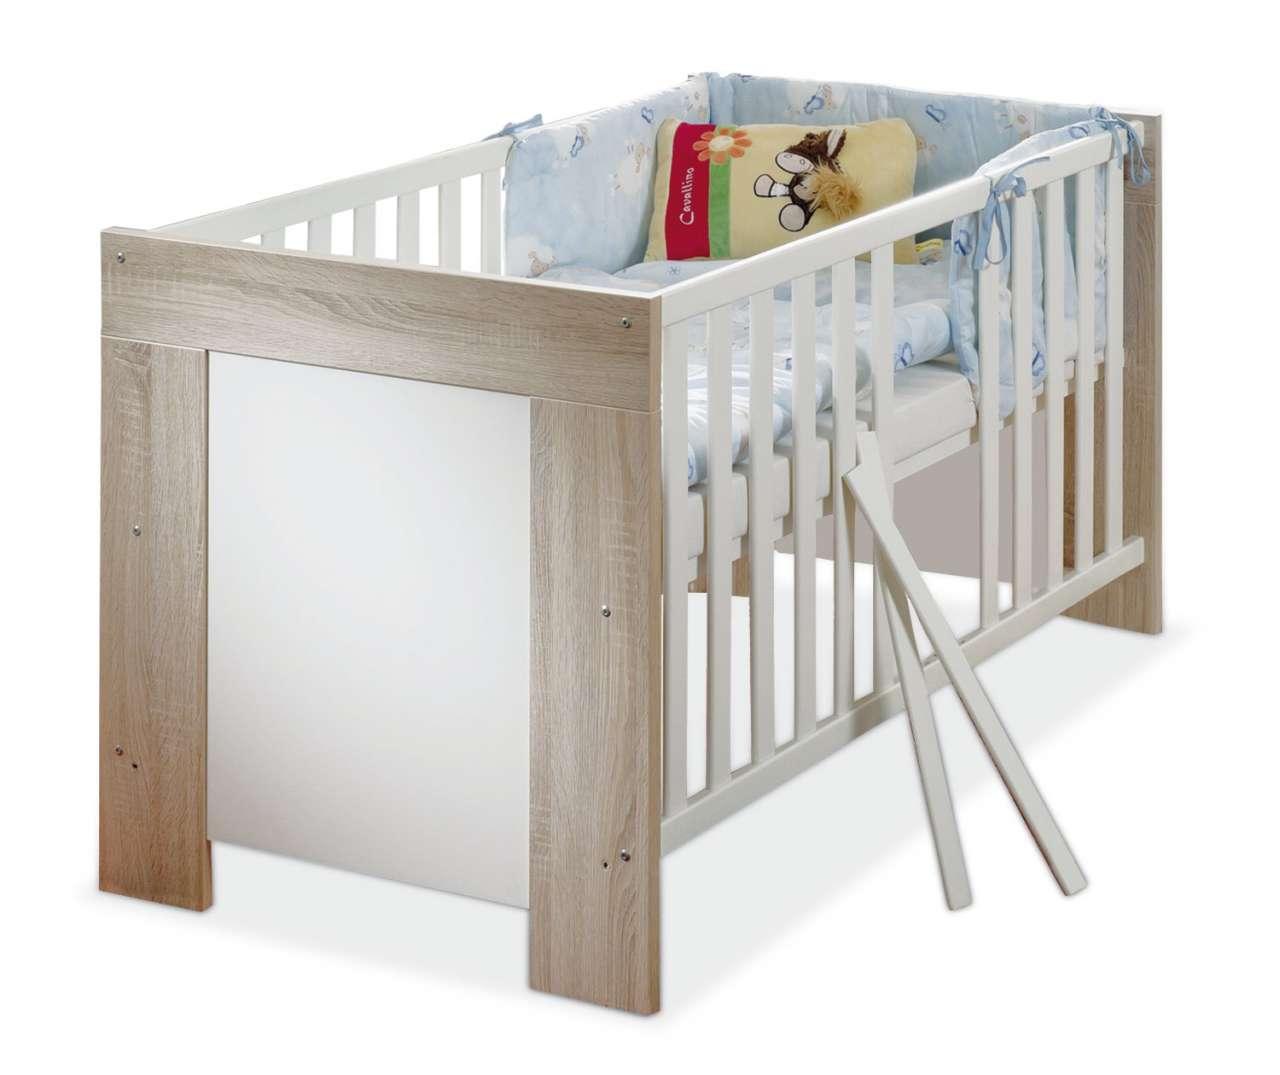 Kinderzimmer & Junges Wohnen Babybettgestell BETTINA 1, Weiß